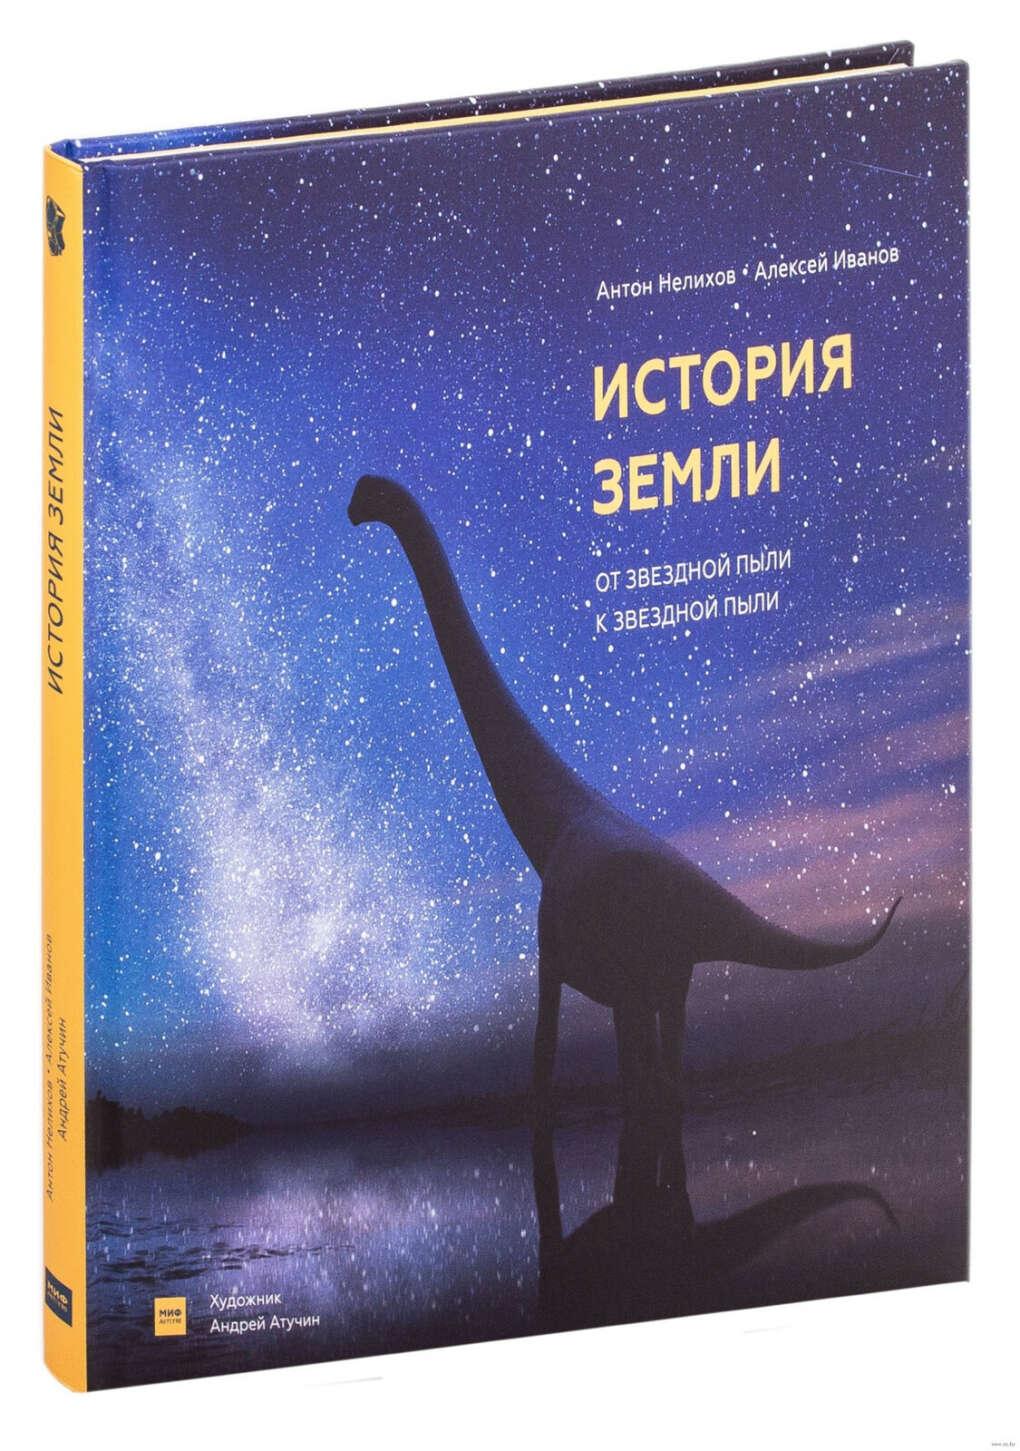 История Земли. От звездной пыли к звездной пыли - на OZ.by